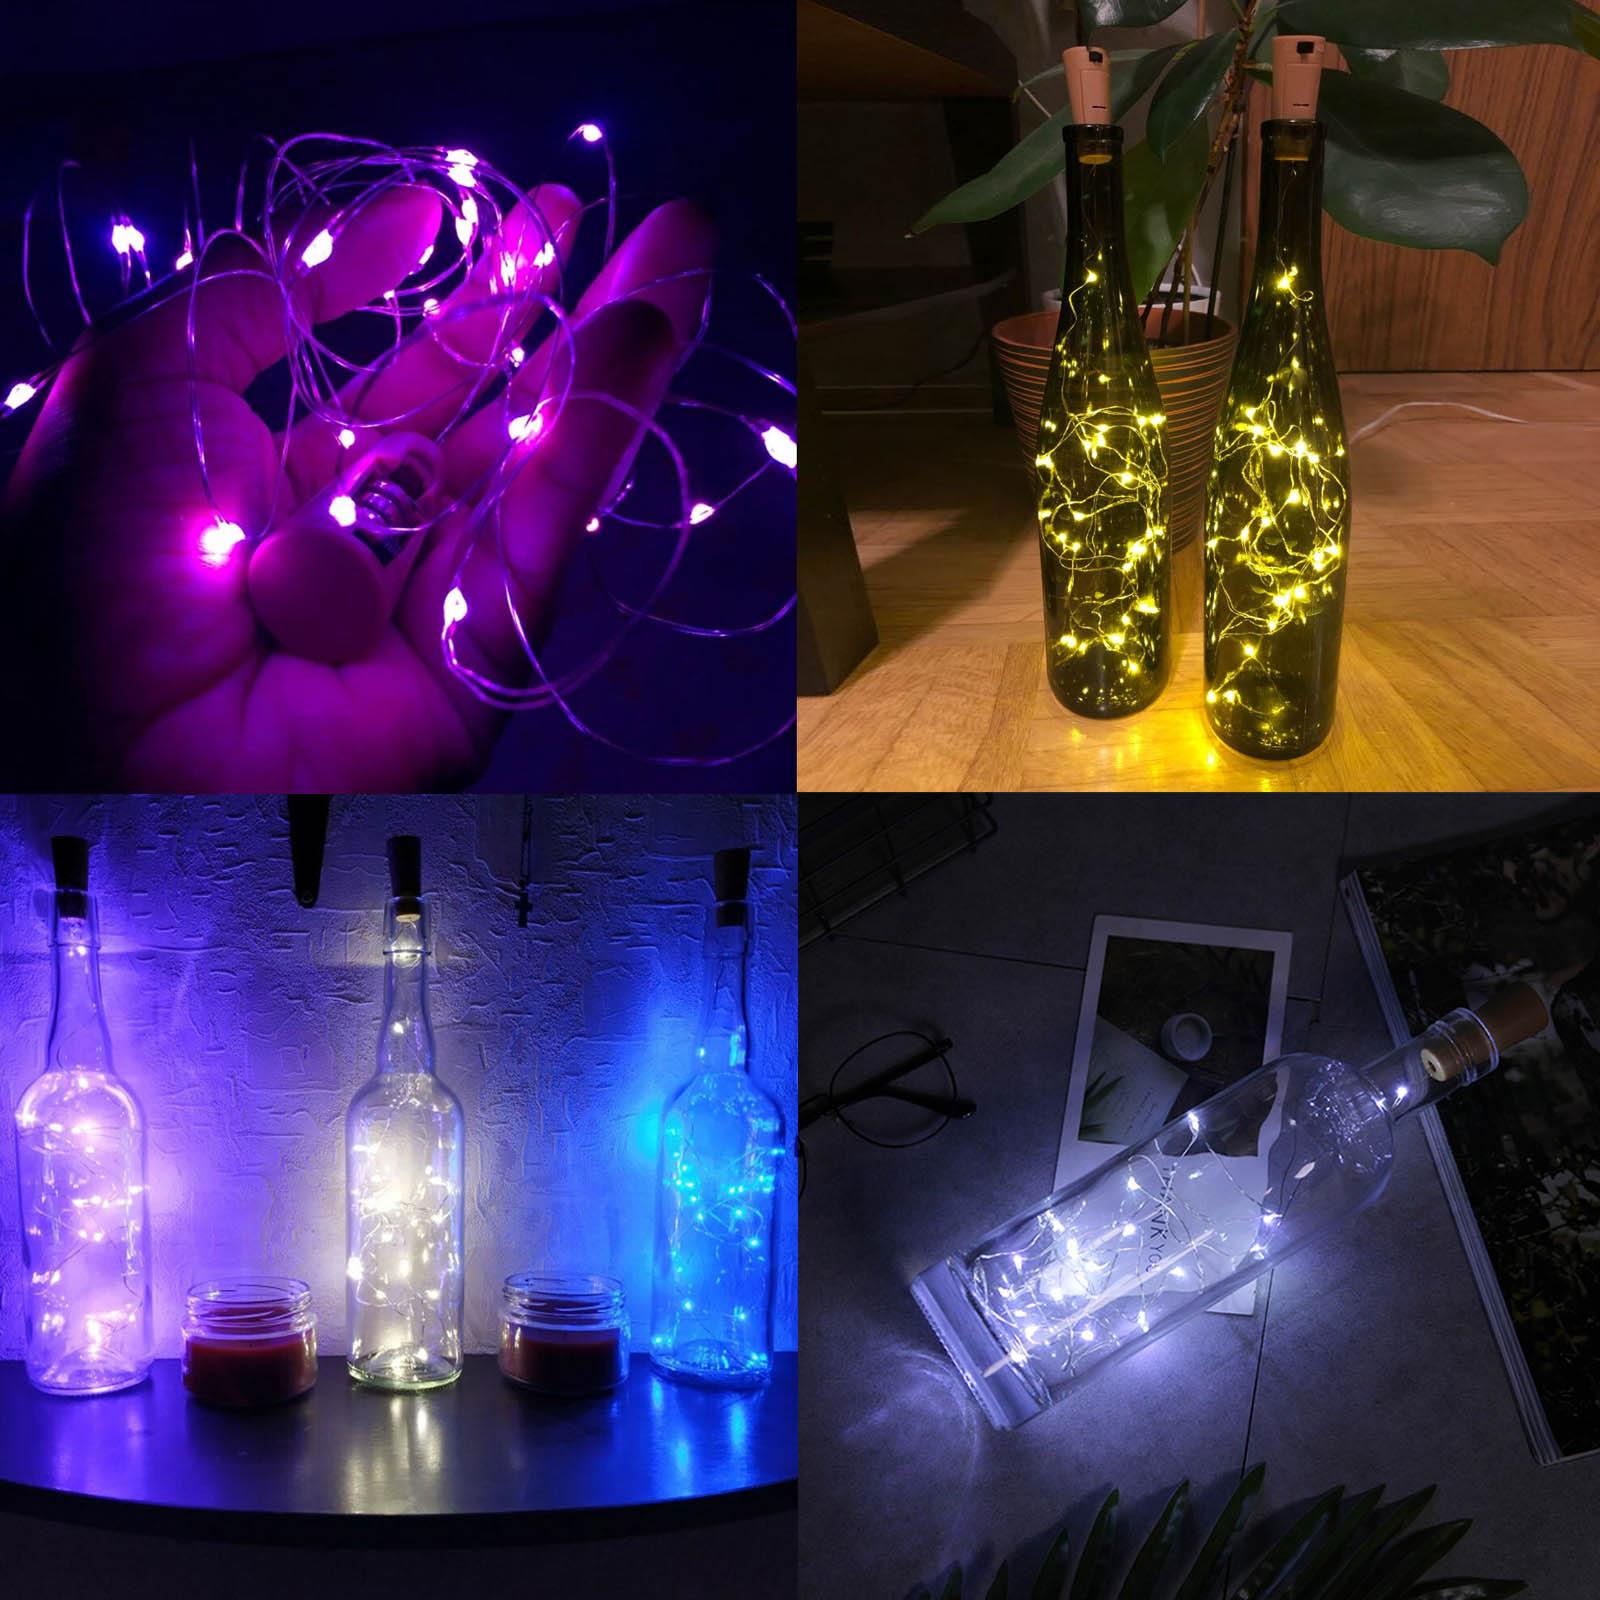 1M 10Led 2M 20Led Glass Wine LED String Light Cork Shaped Wine Bottle Stopper Fairy Light Lamp Xmas Party Decor LR44 Battery